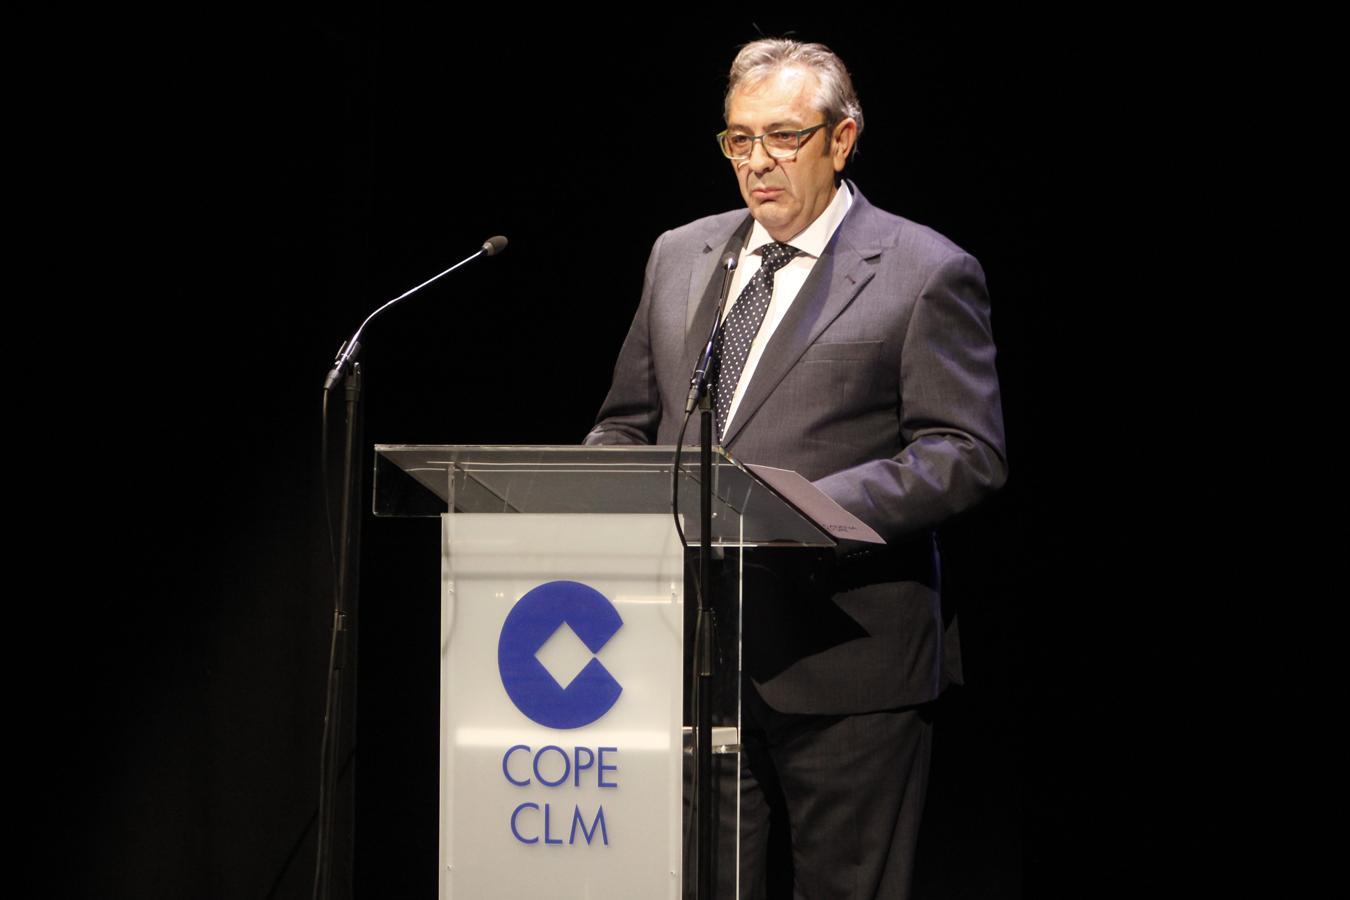 El delegado regional de Cope, José Varón Molero